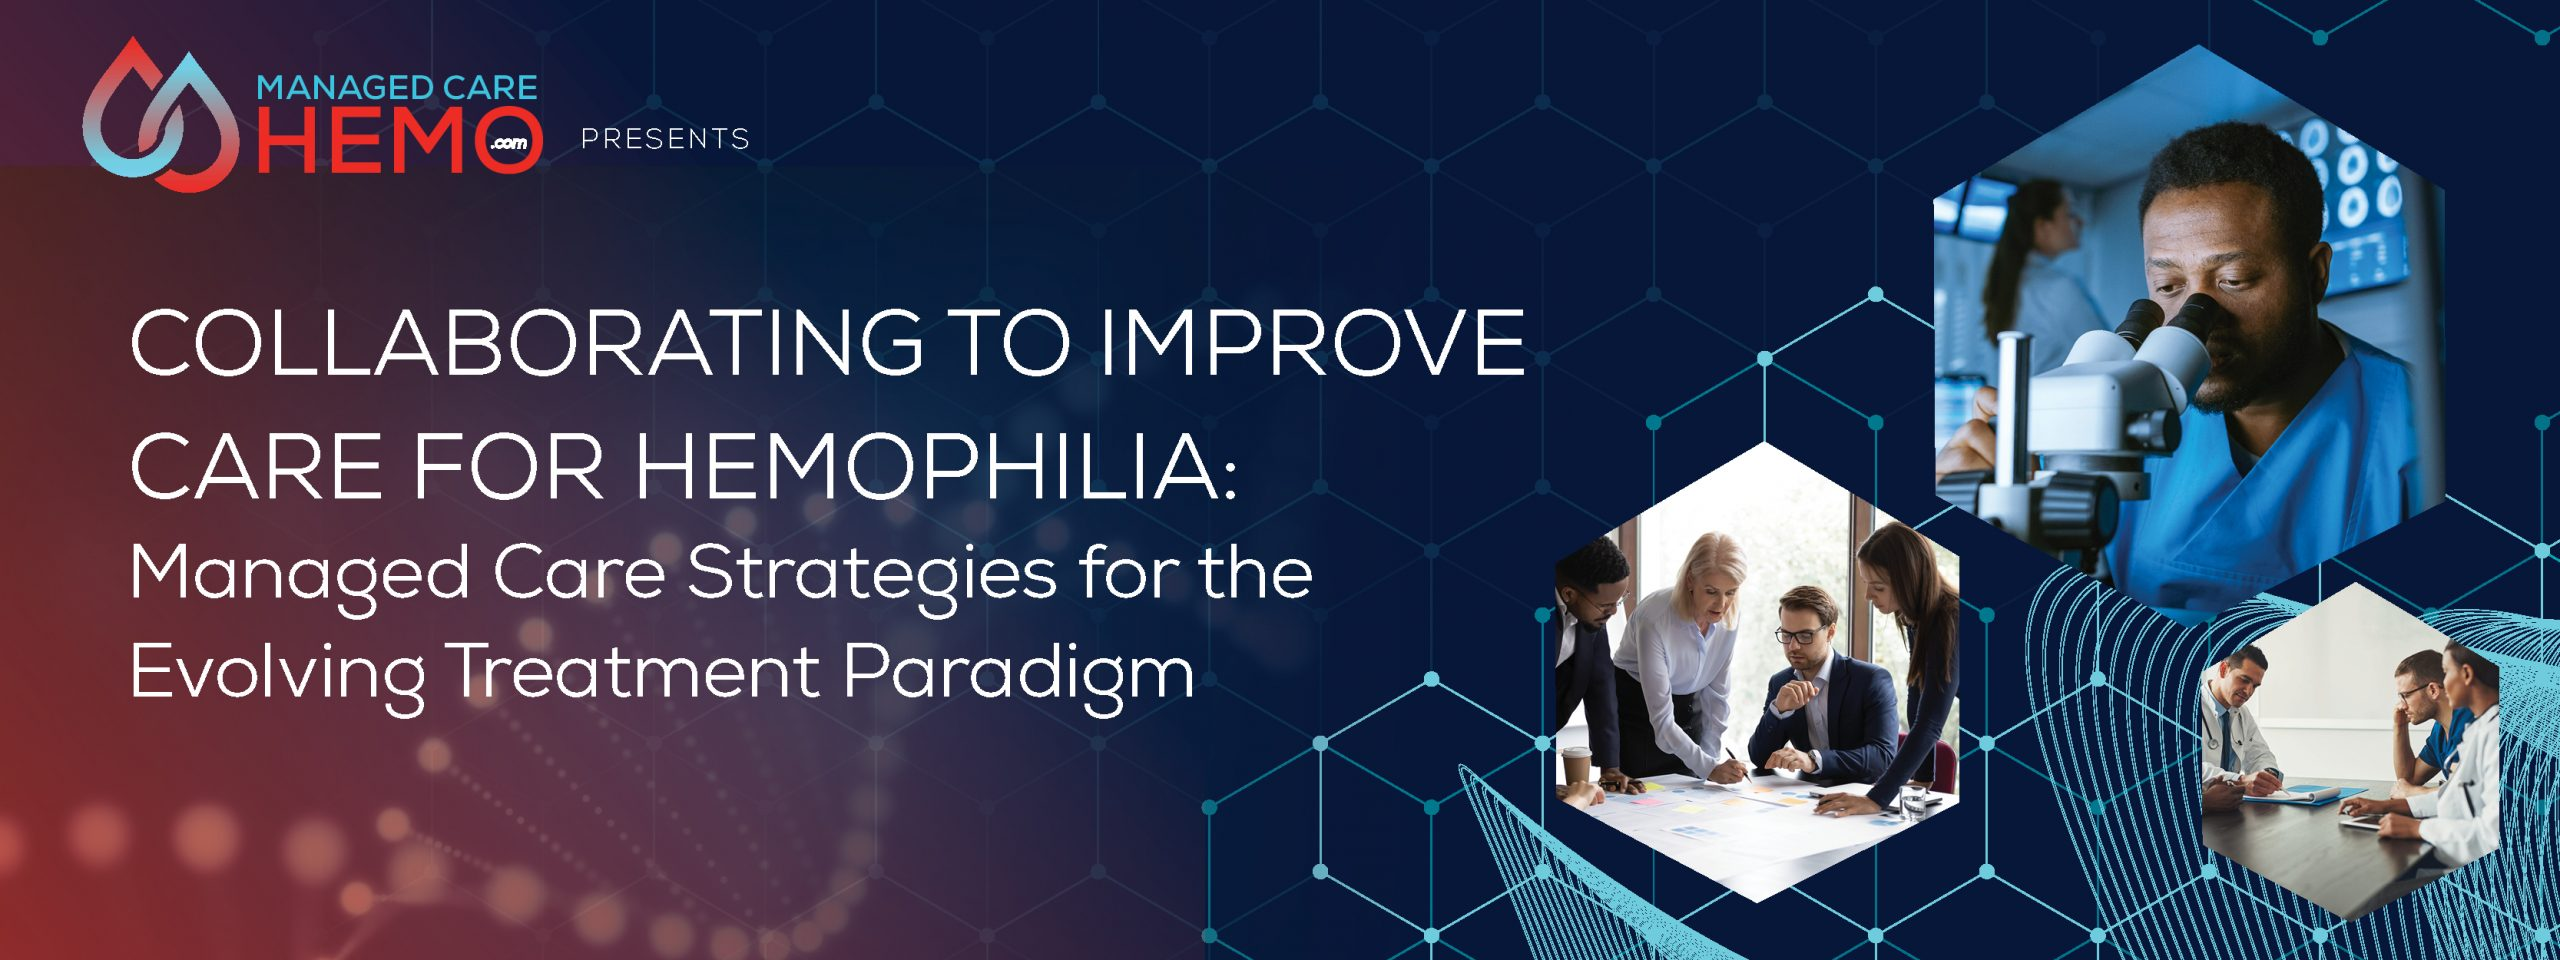 Hemophilia AMCP Symposium